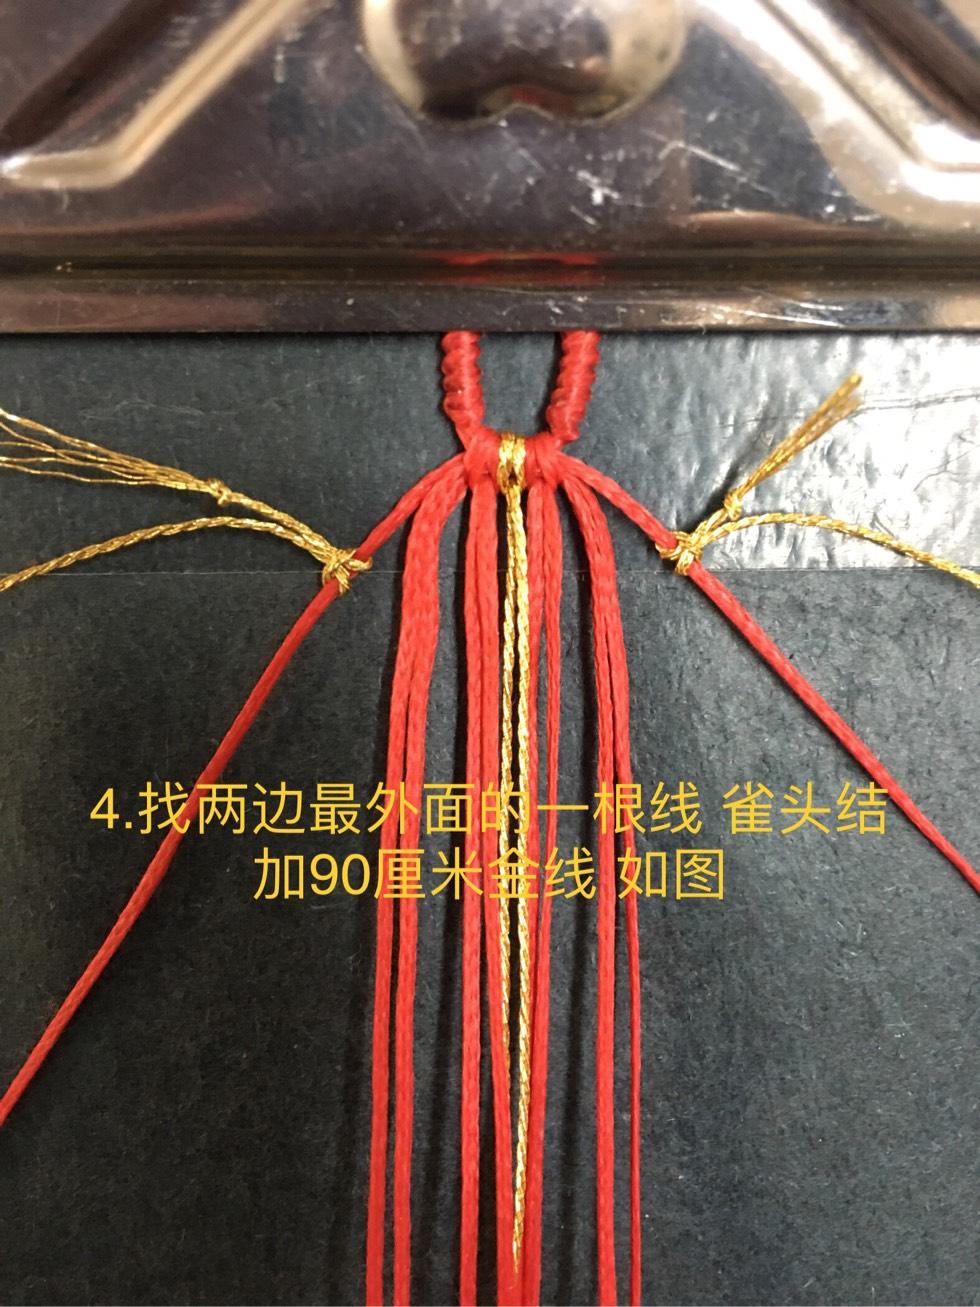 中国结论坛 金线包边手绳手链教程 手链,教程,金线红绳手链编织,金线手绳编法,金线手链编织教程 图文教程区 230249nqp3ctnp2kt9fcq1